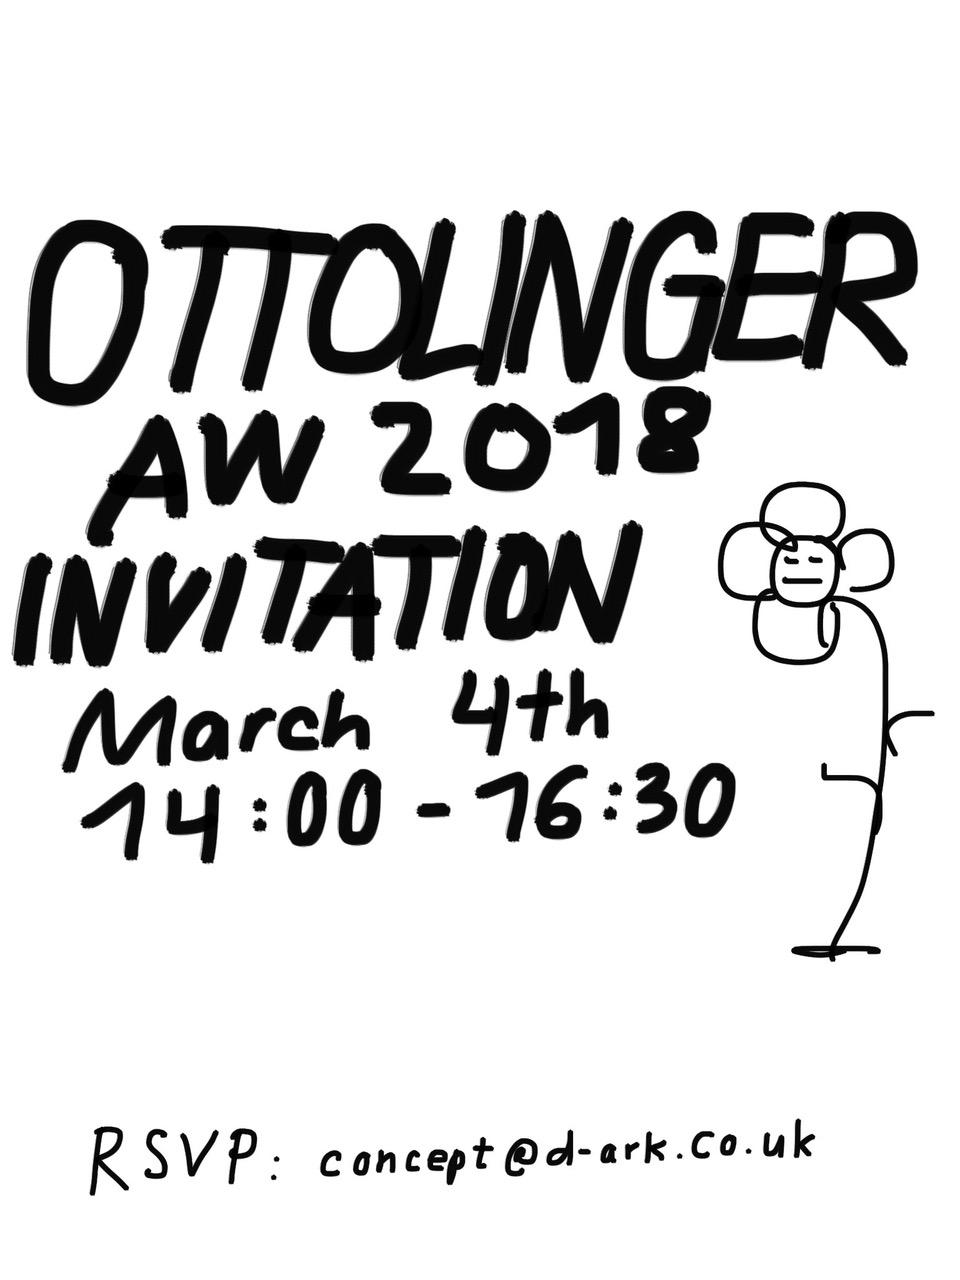 Ottolinger e invite_Dark.jpeg